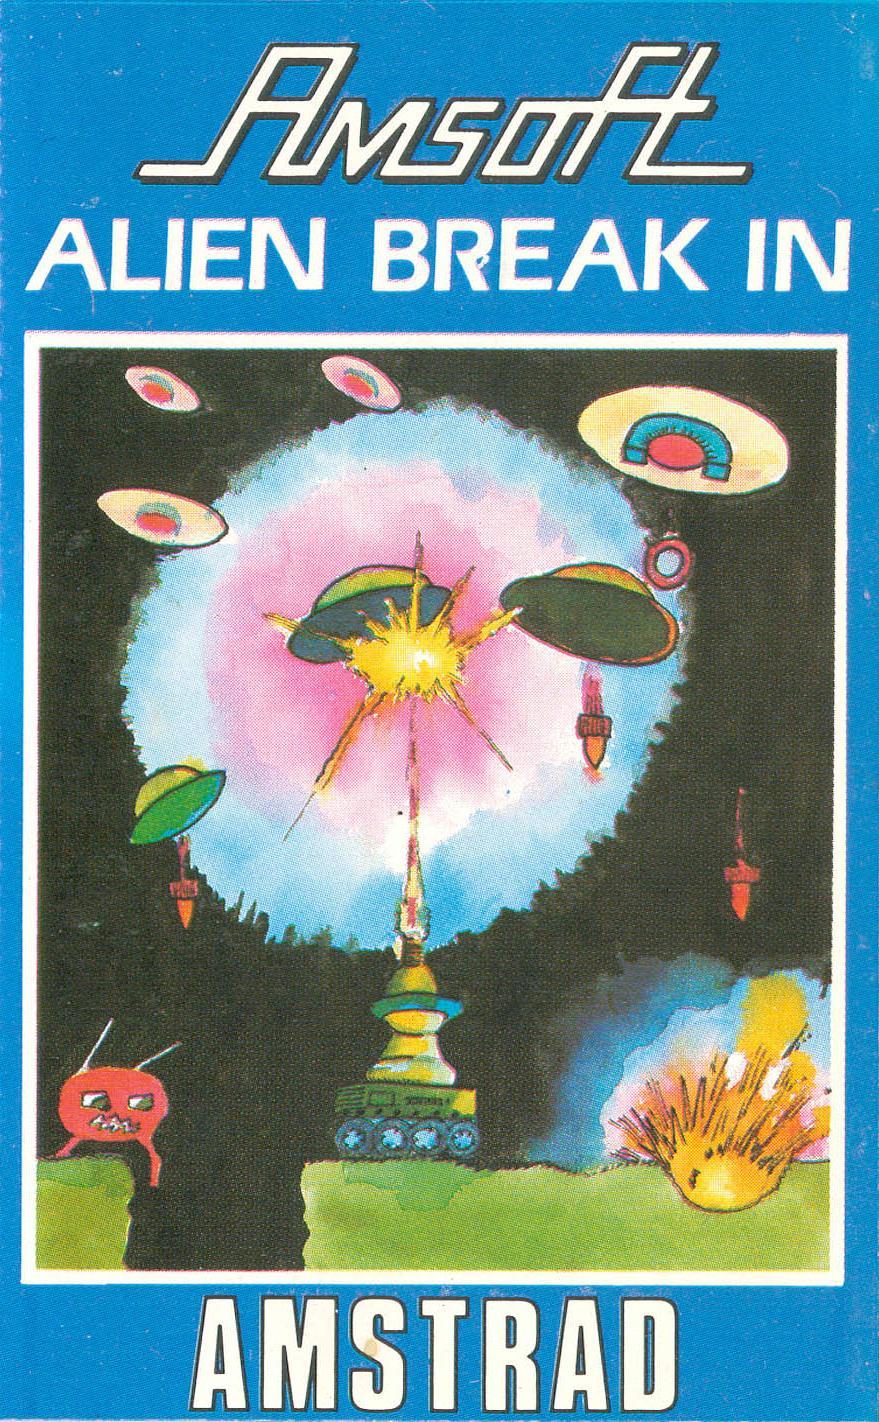 Alien Break-In (Amstrad CPC) - RetroANA